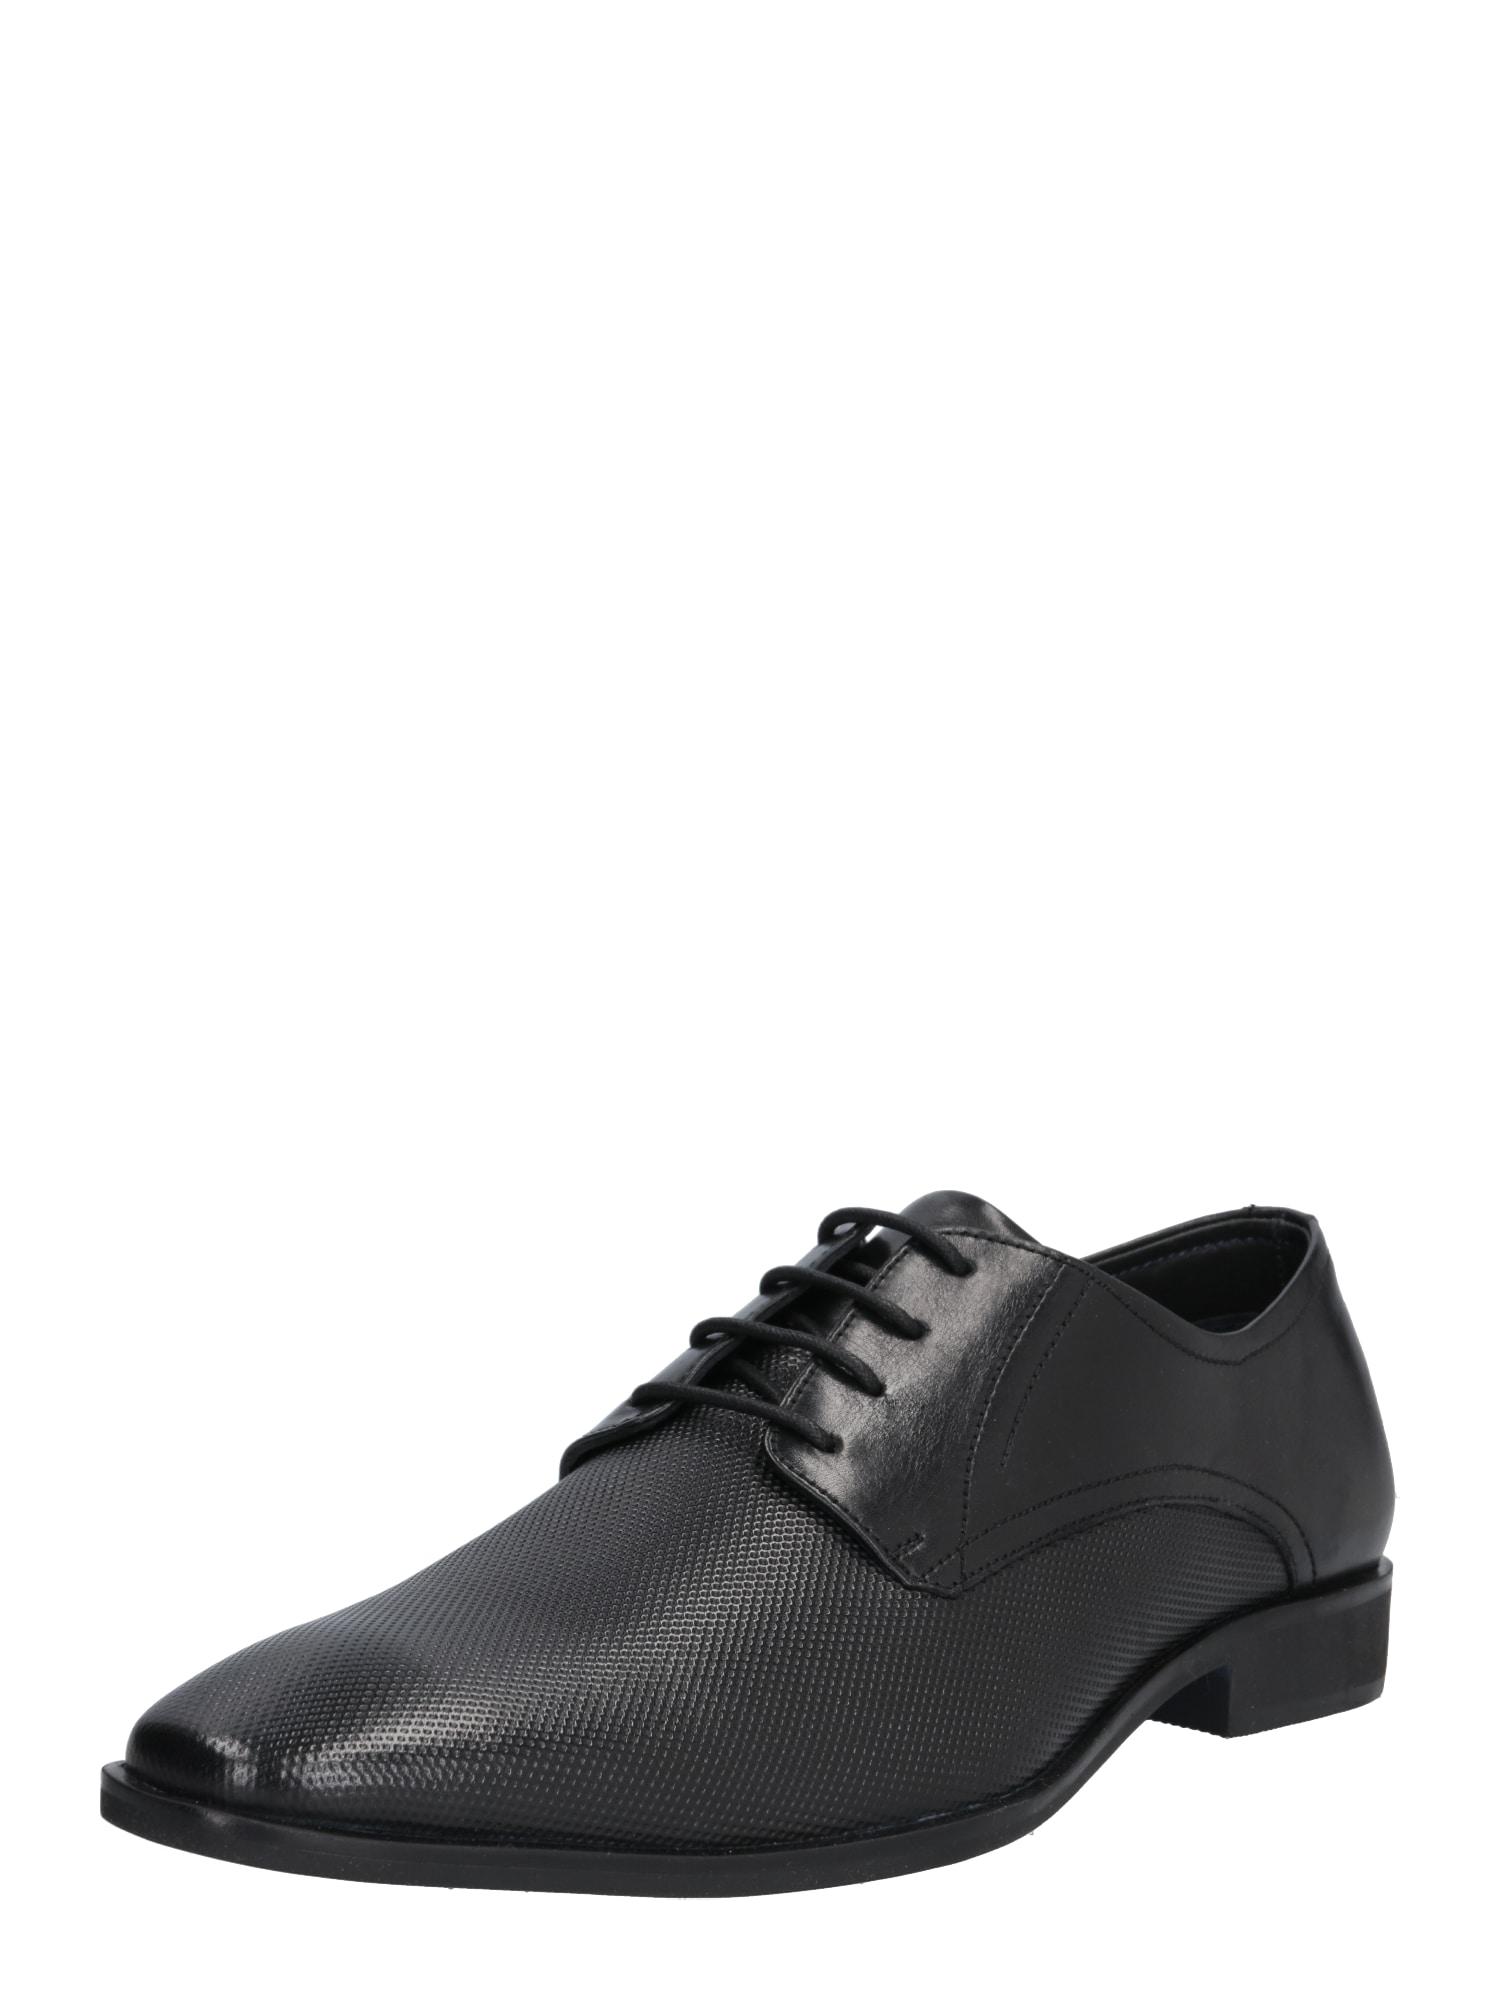 Šněrovací boty Bastian černá ABOUT YOU